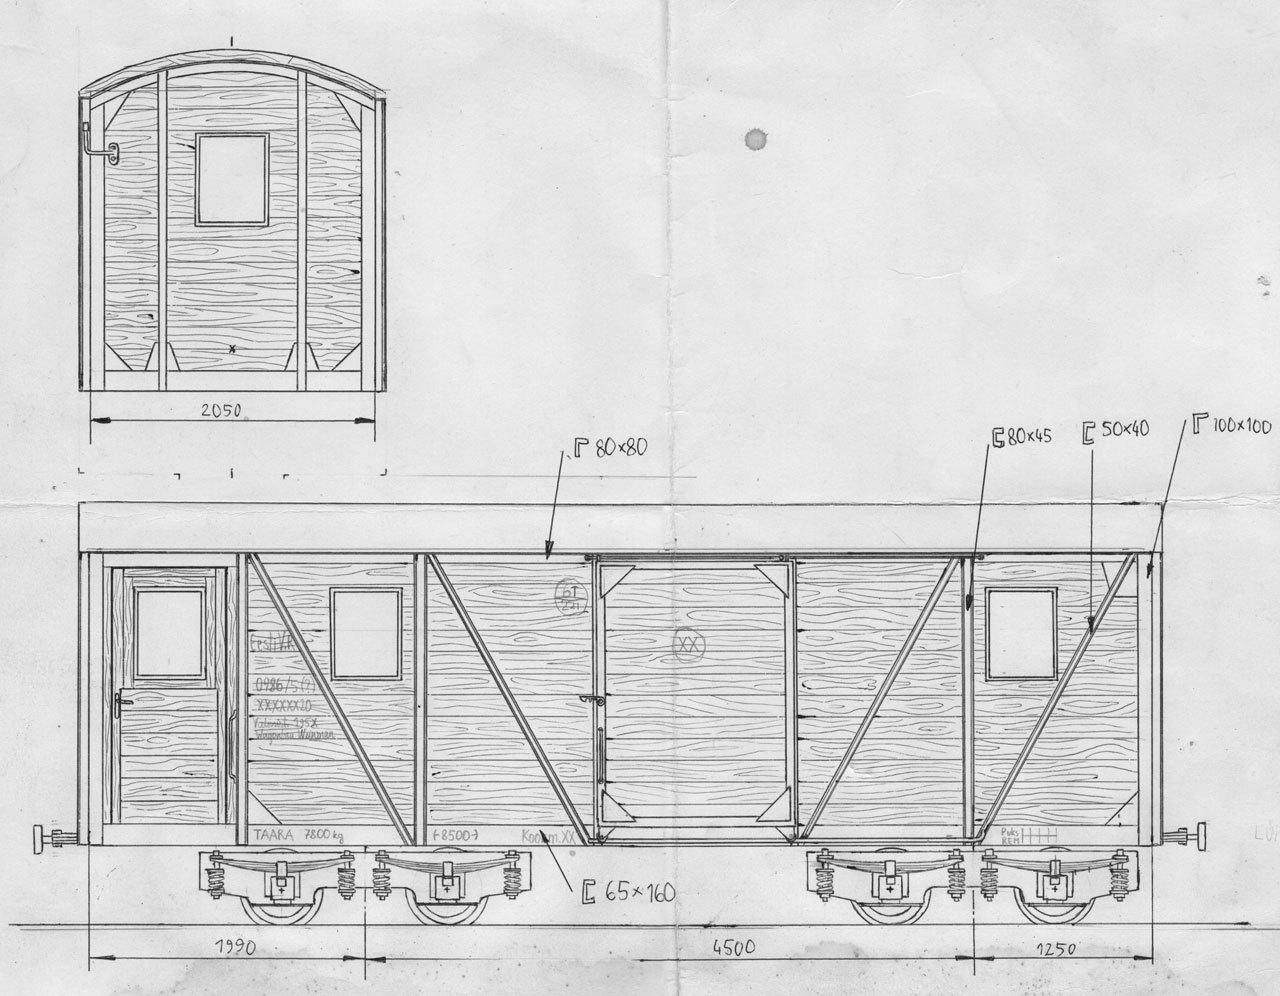 Чертёж грузопассажирского вагона завода Веймар (Weimar). 1950 год.